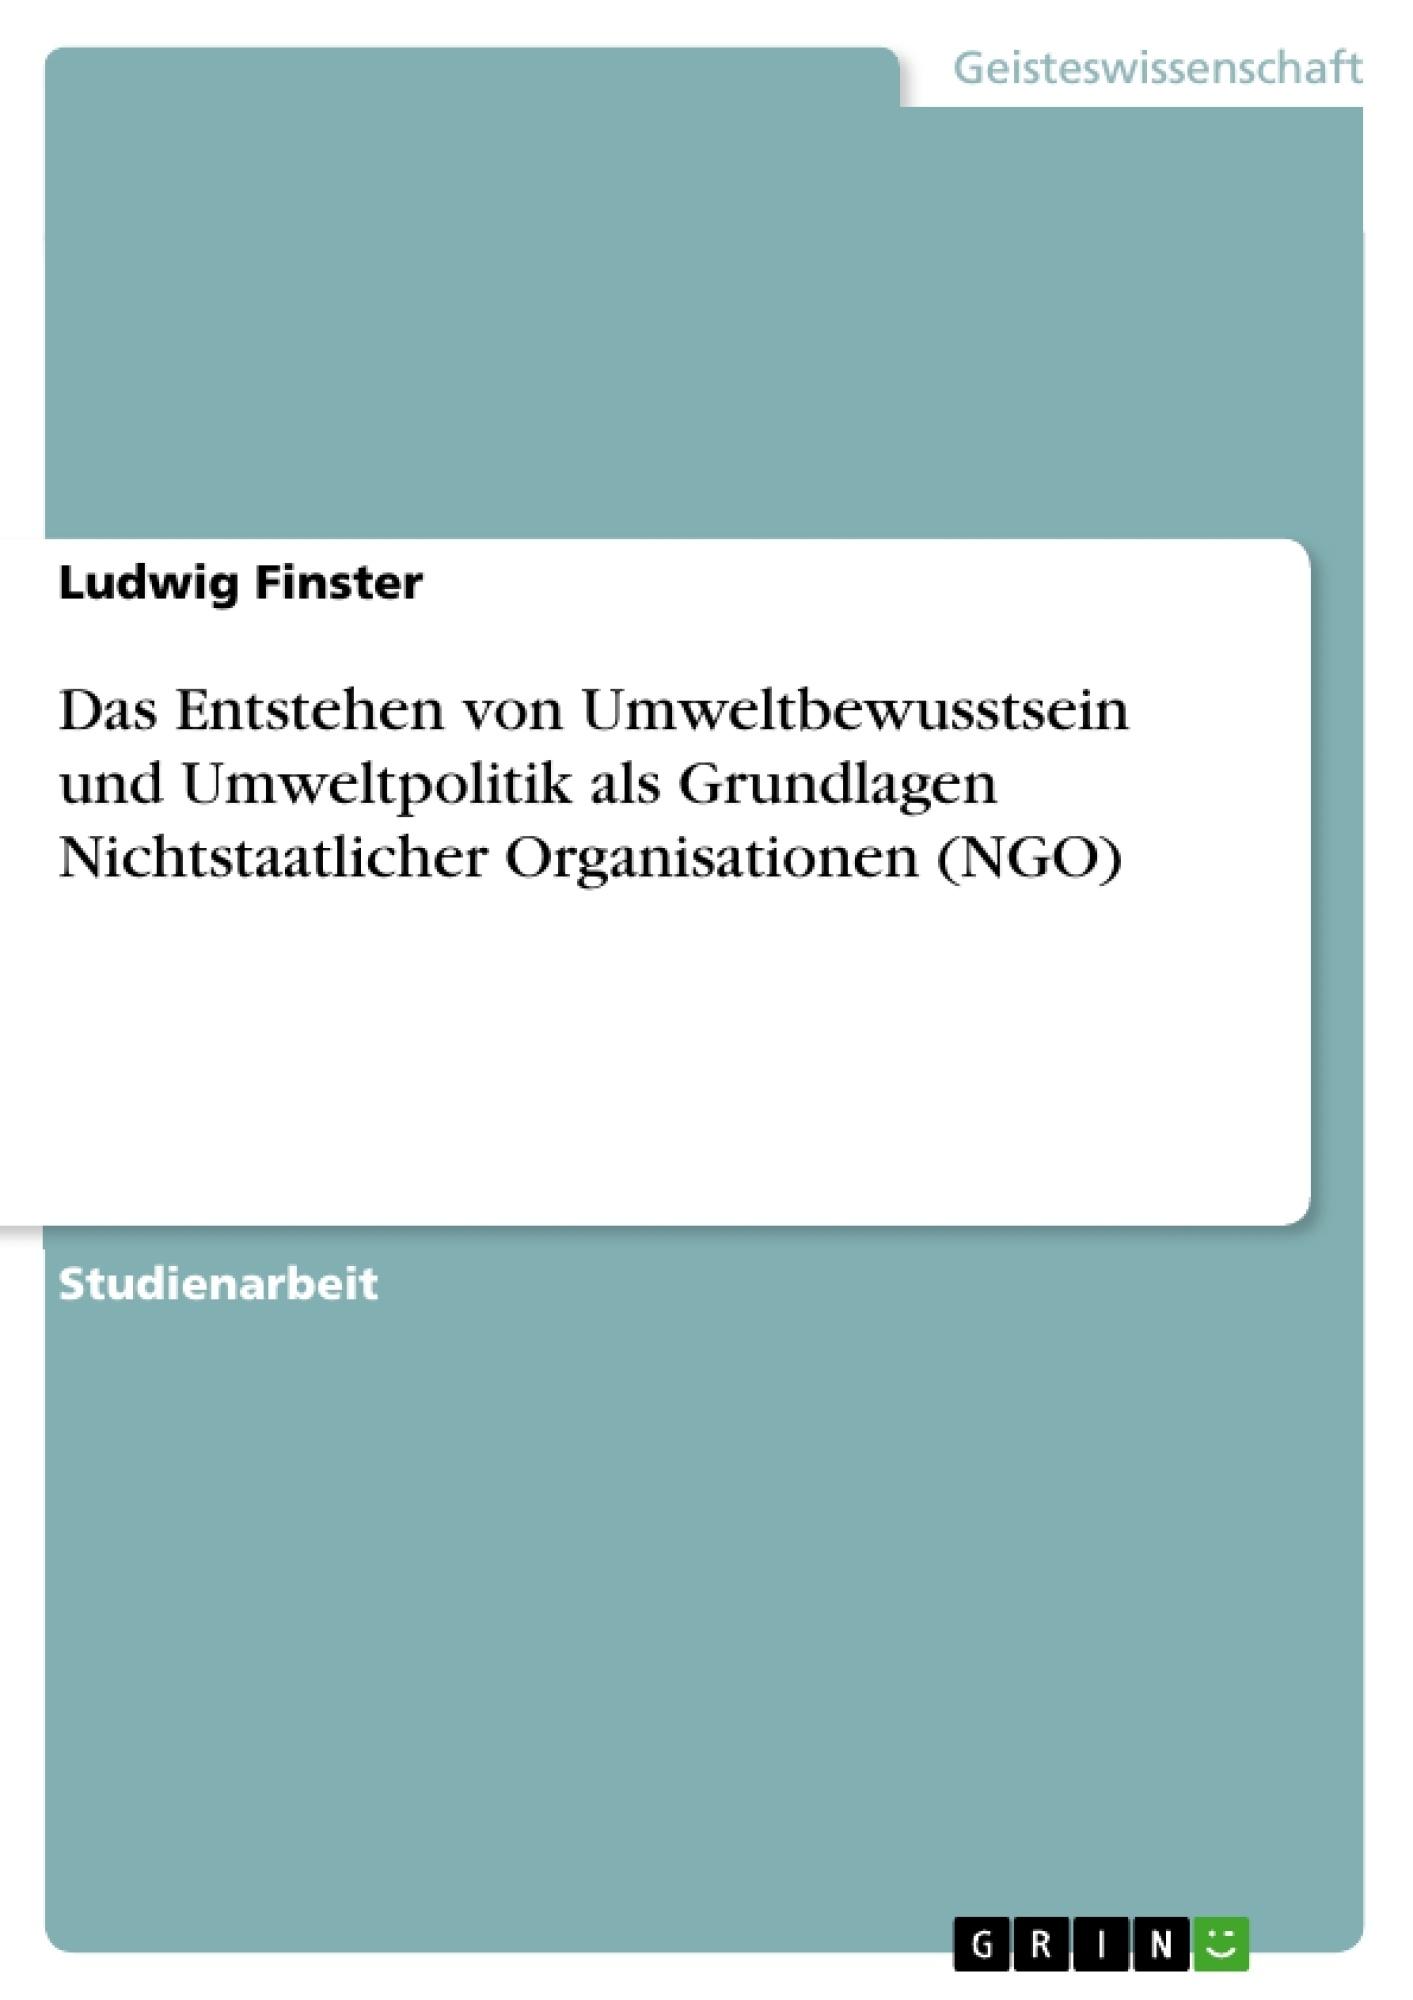 Titel: Das Entstehen von Umweltbewusstsein und Umweltpolitik als Grundlagen Nichtstaatlicher Organisationen (NGO)